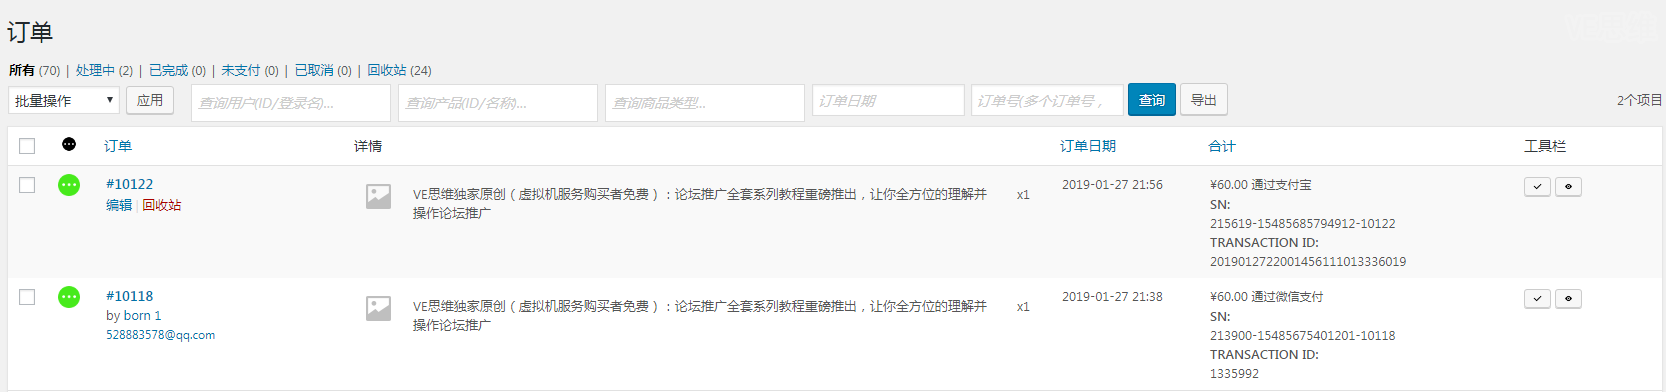 网站全自动扫码支付订单管理界面